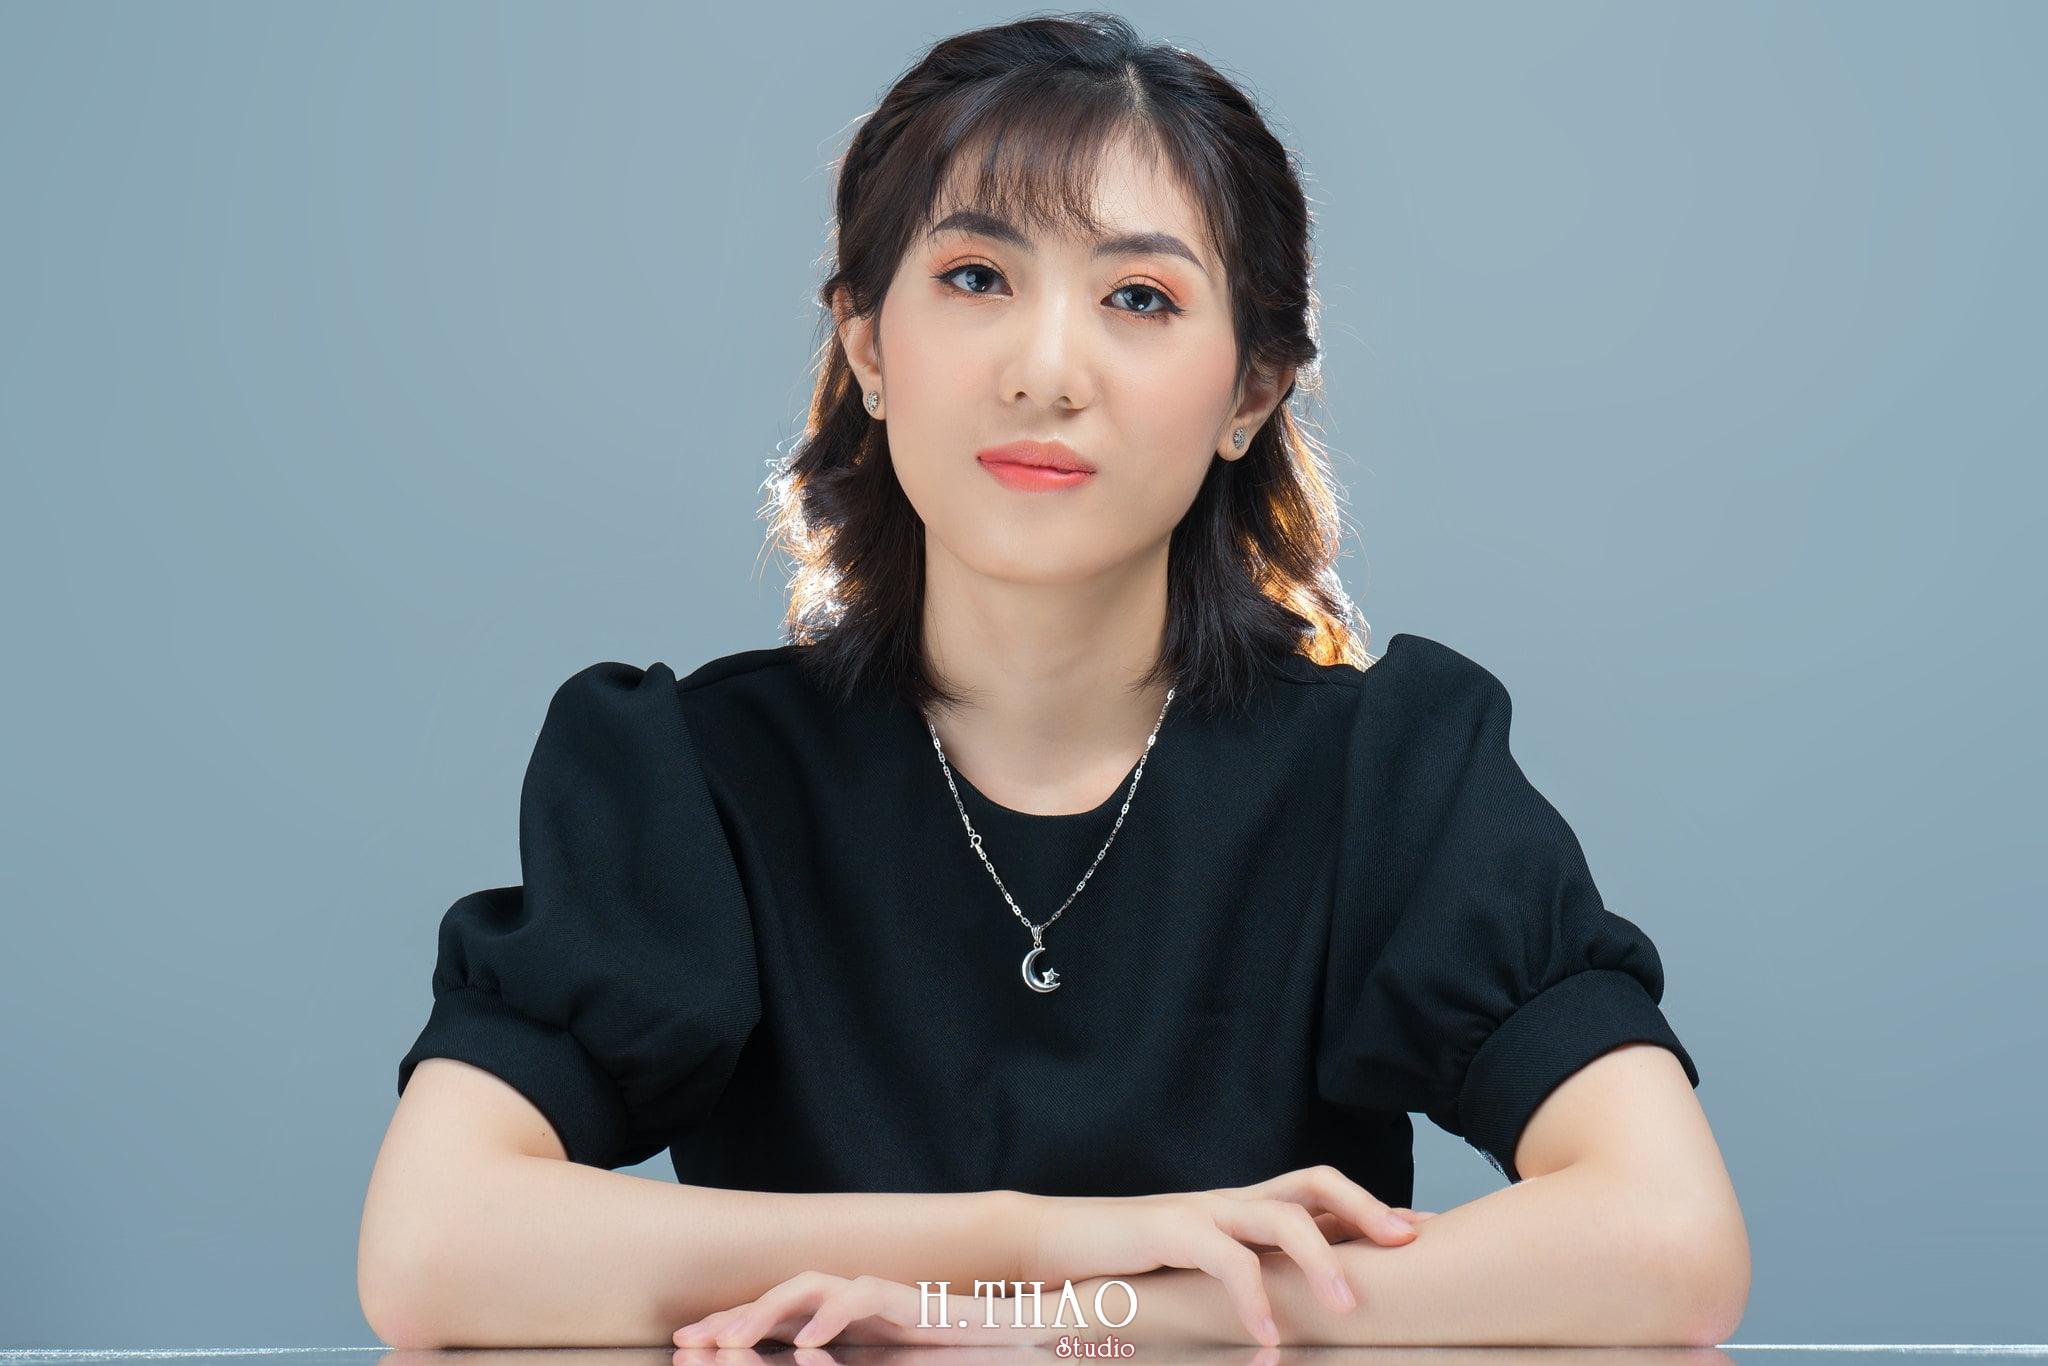 Minh Thuy 9 - Album ảnh profile cá nhân nữ Minh Thùy - HThao Studio